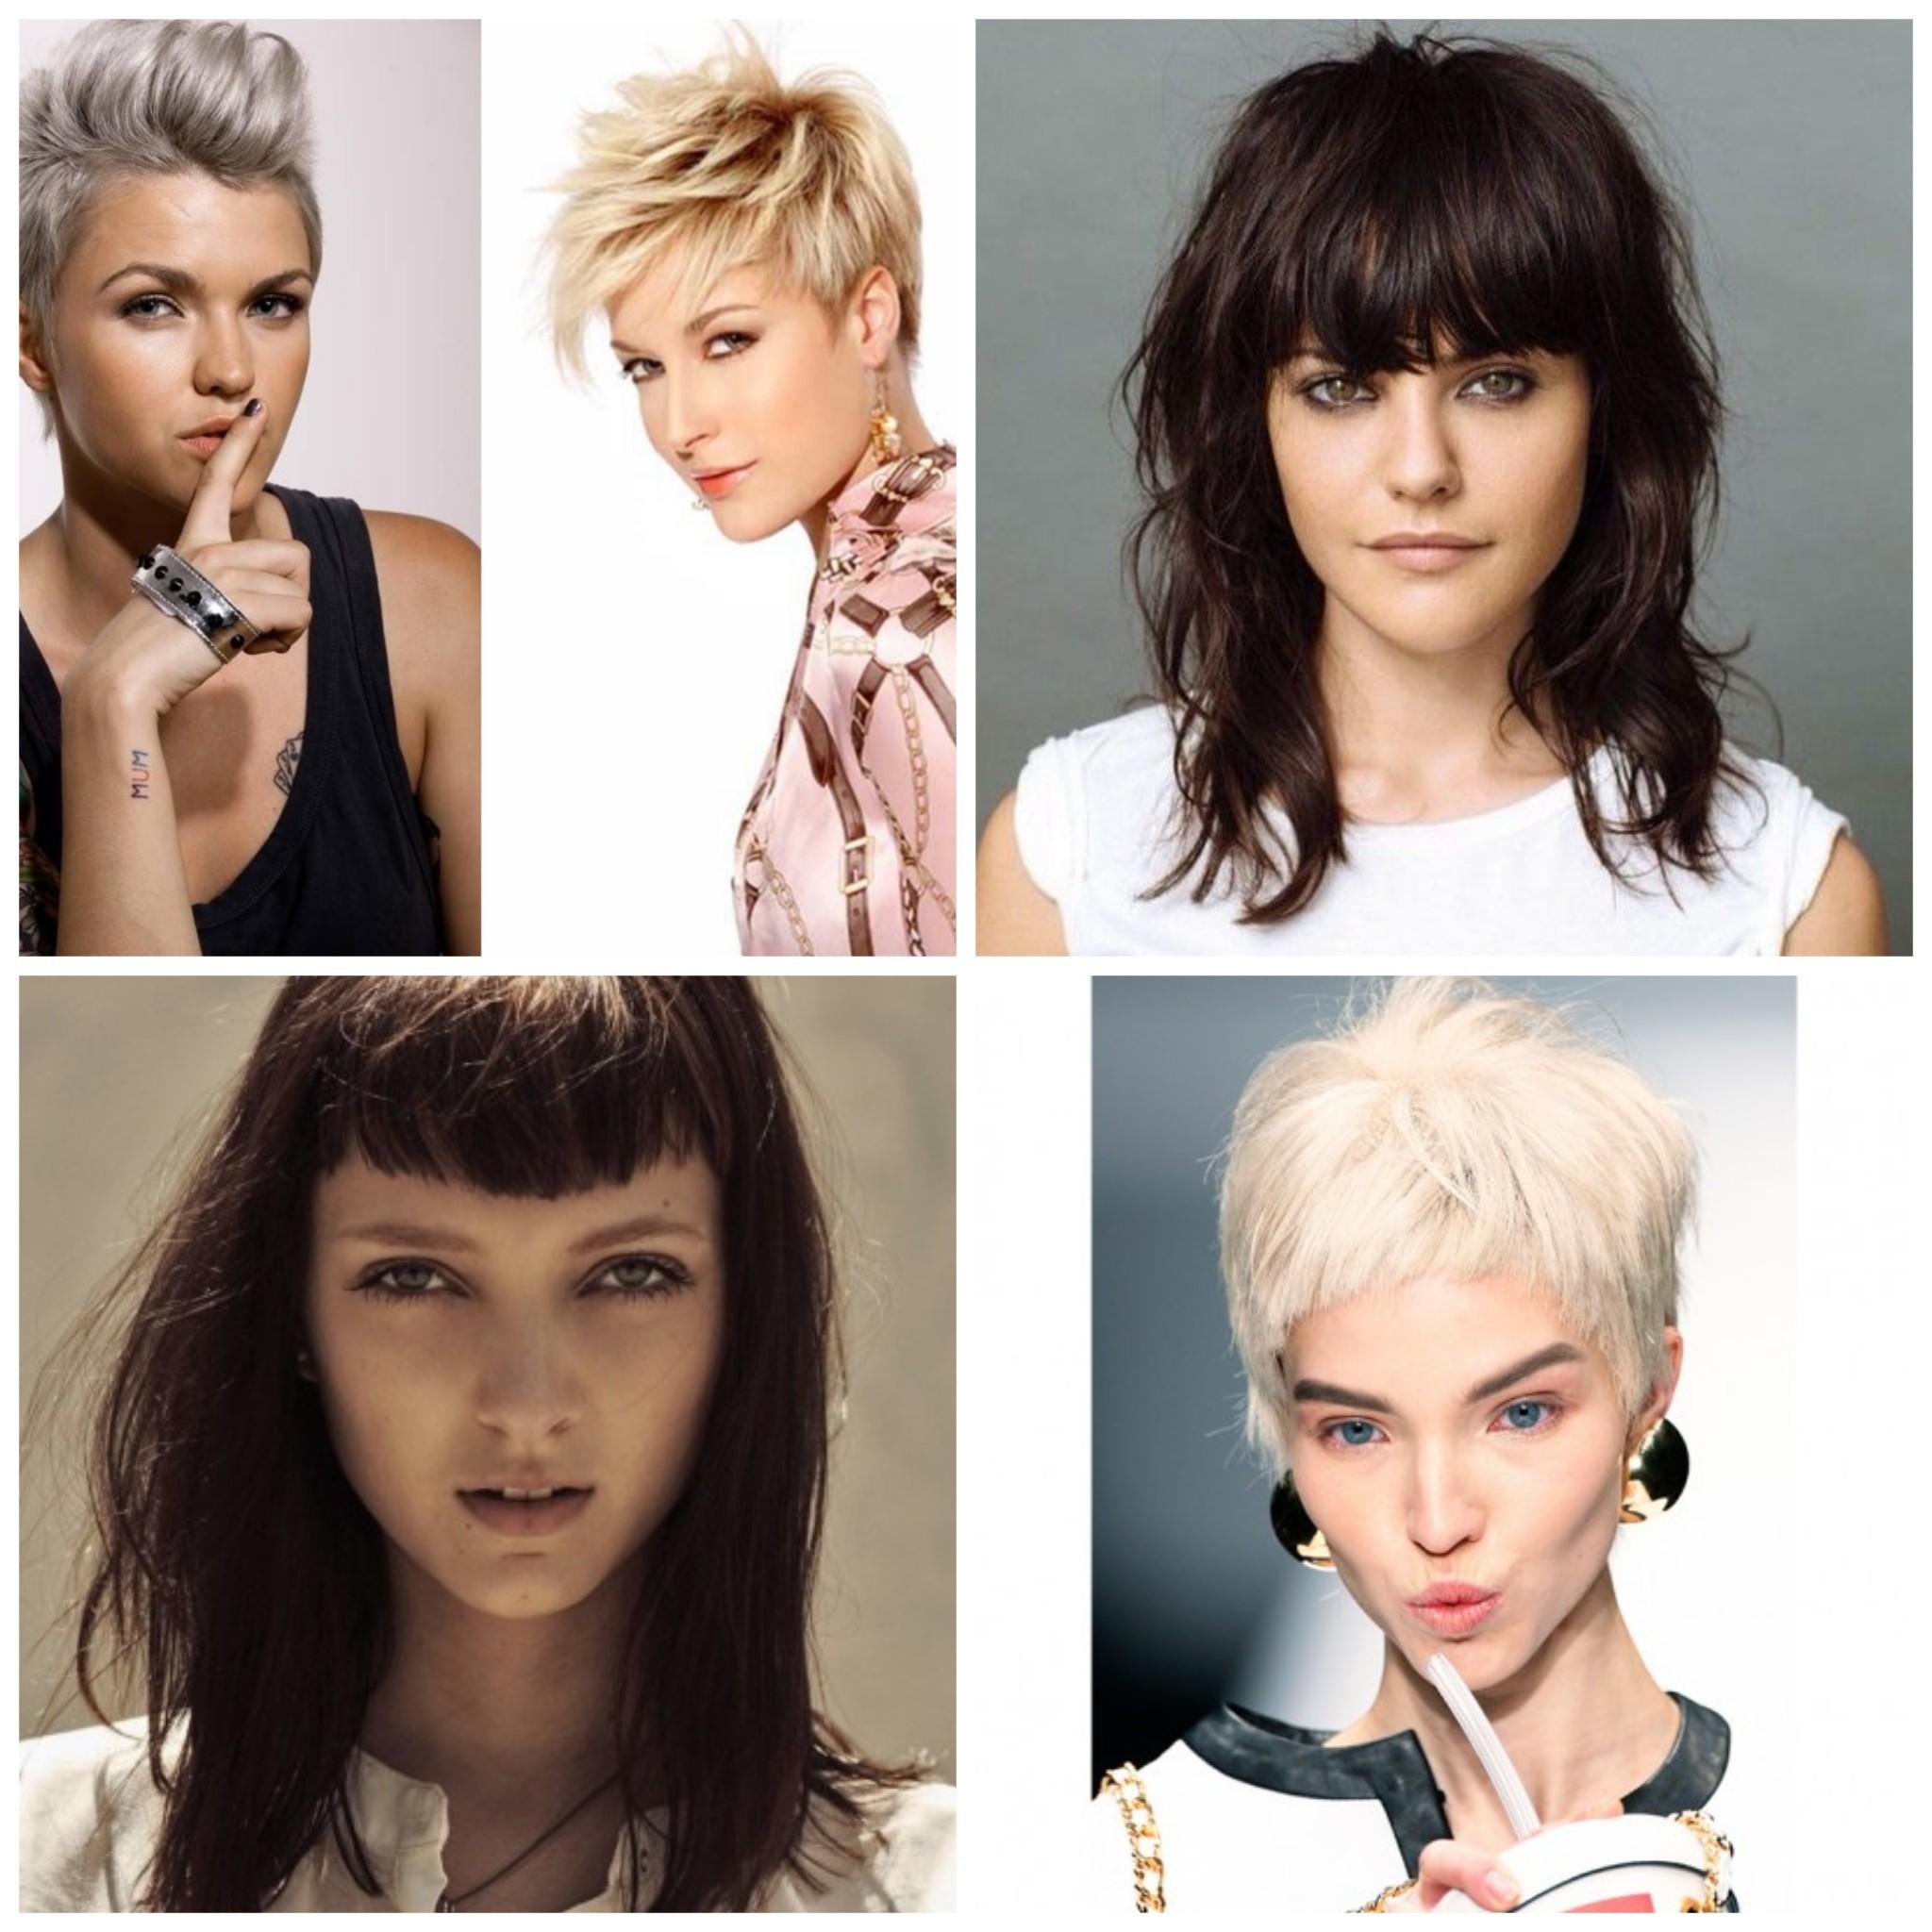 Hair styling...Taglio capelli e acconciature tendenze per la ... ed30cd23dab1